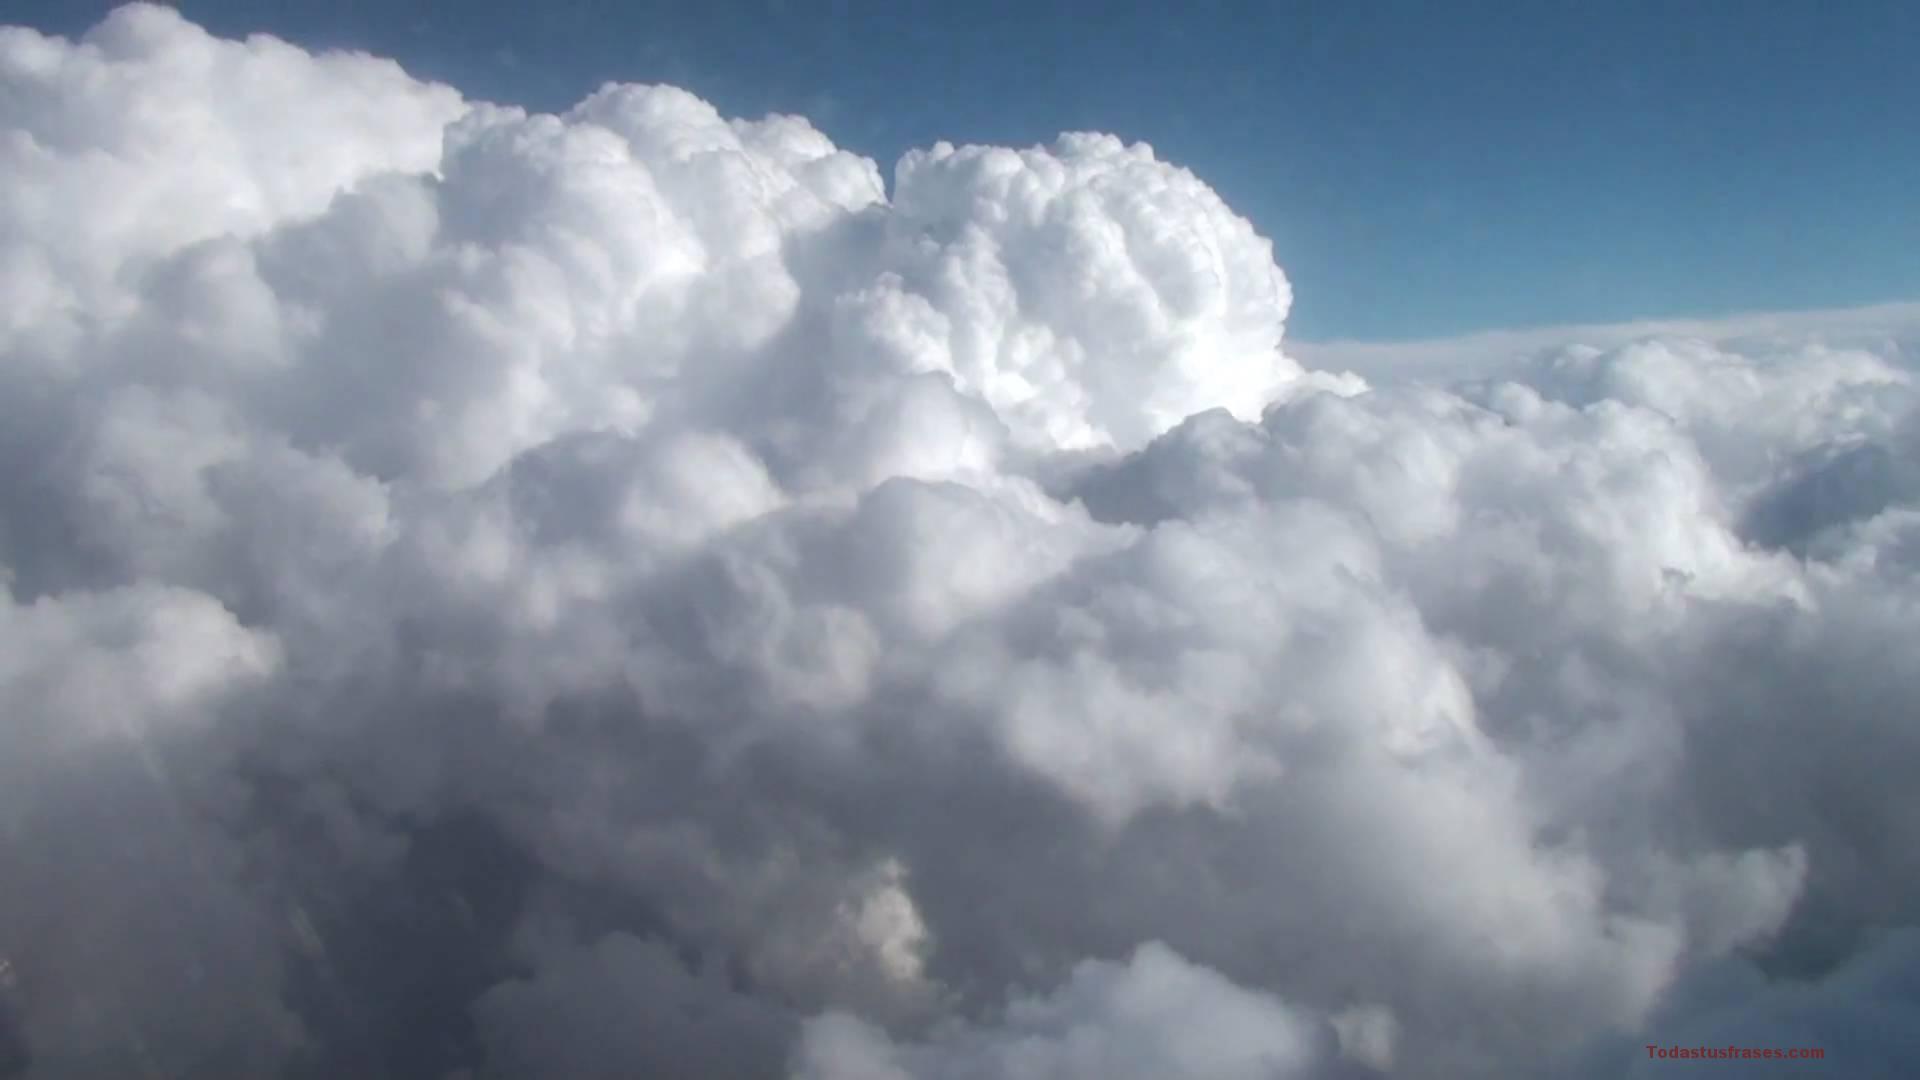 Fondos De Pantalla De Quikis: Fondos De Pantalla De Nubes